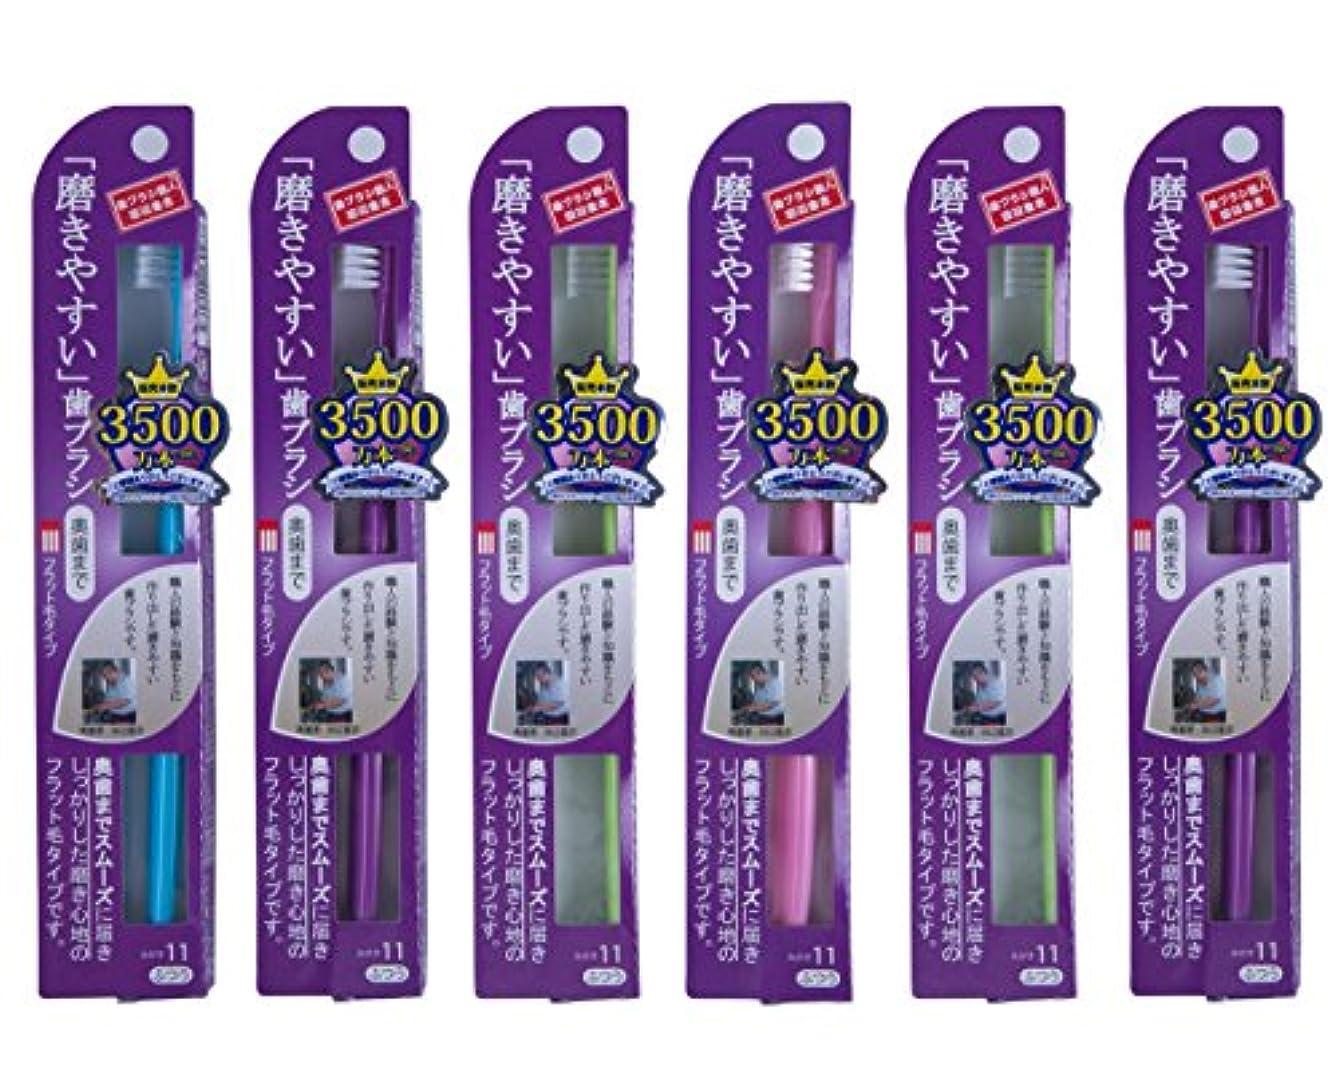 失速偶然付与歯ブラシ職人田辺重吉 磨きやすい歯ブラシ LT-11 (6本パック)